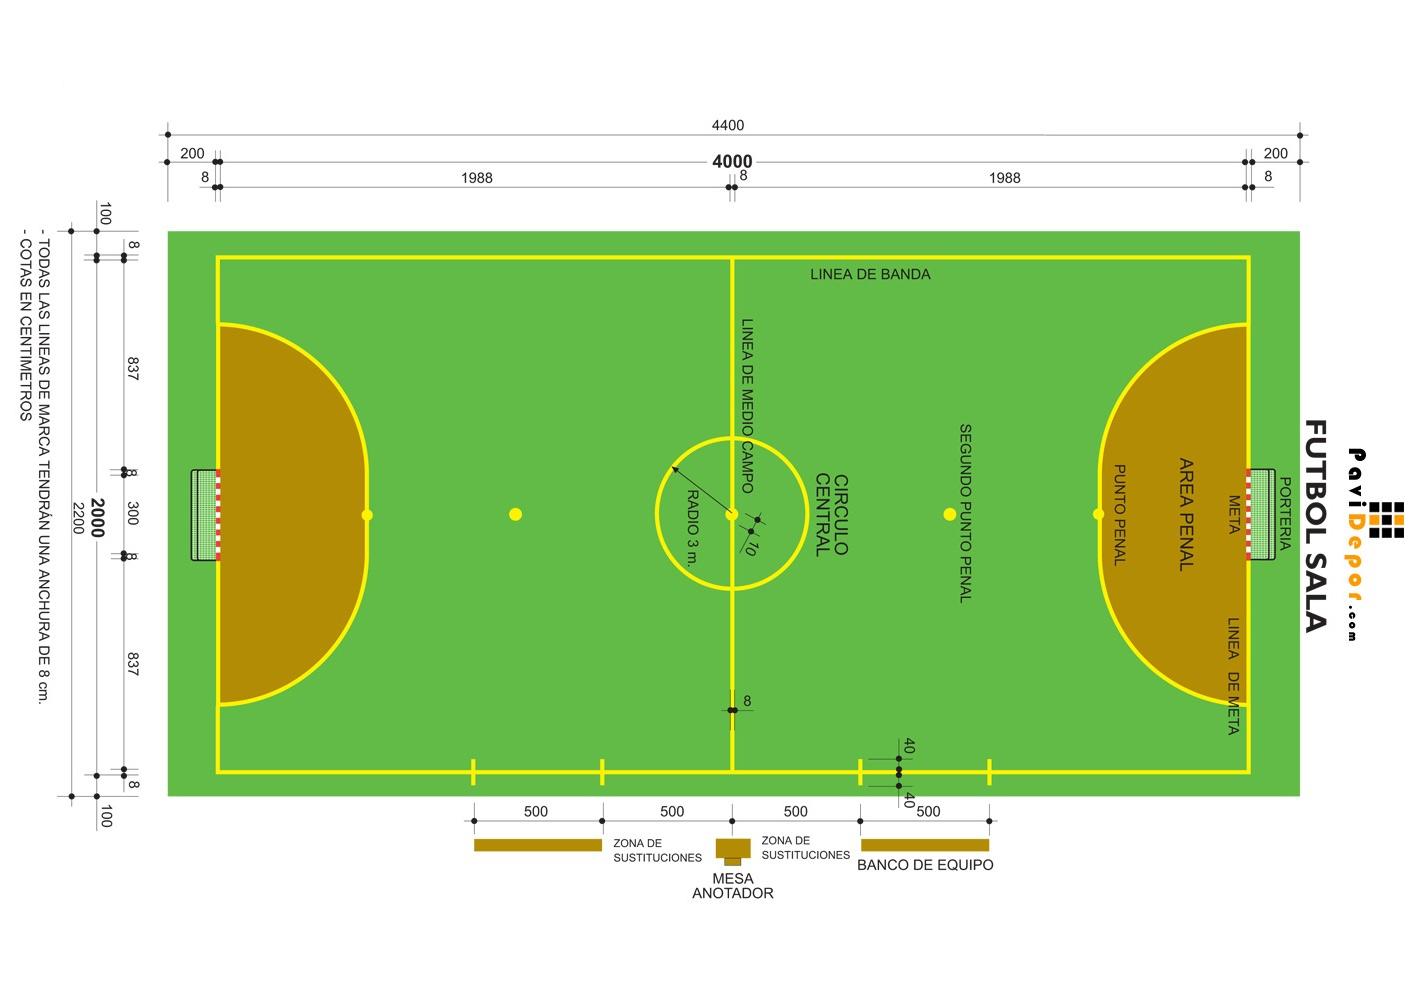 Fútbol facilisimo Dimensiones campo de fútbol sala - Imagenes De La Cancha De Futbol De Salon